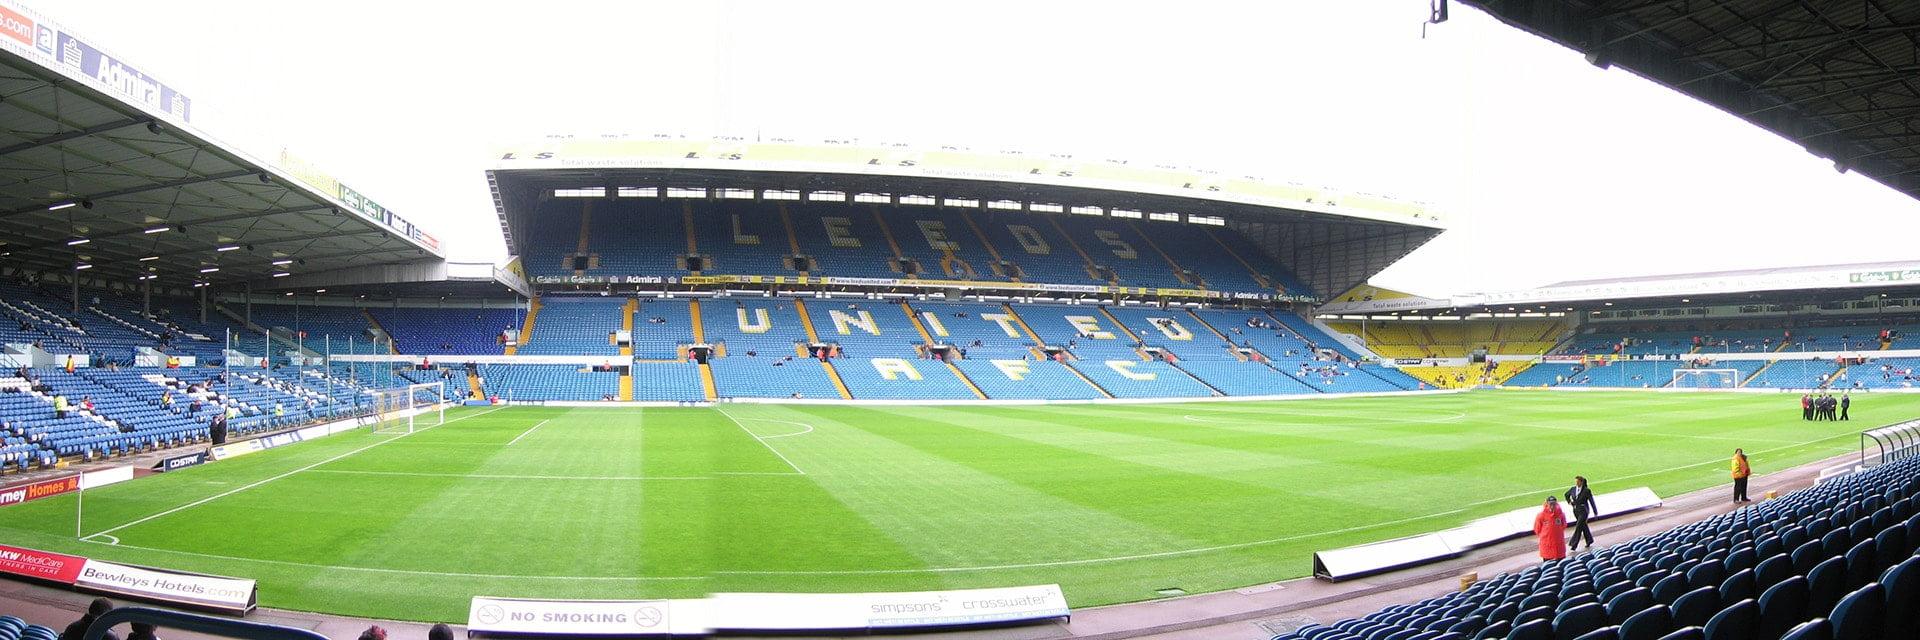 Leeds United - Wolverhampton Wanderers, 6 octobreà 15:00